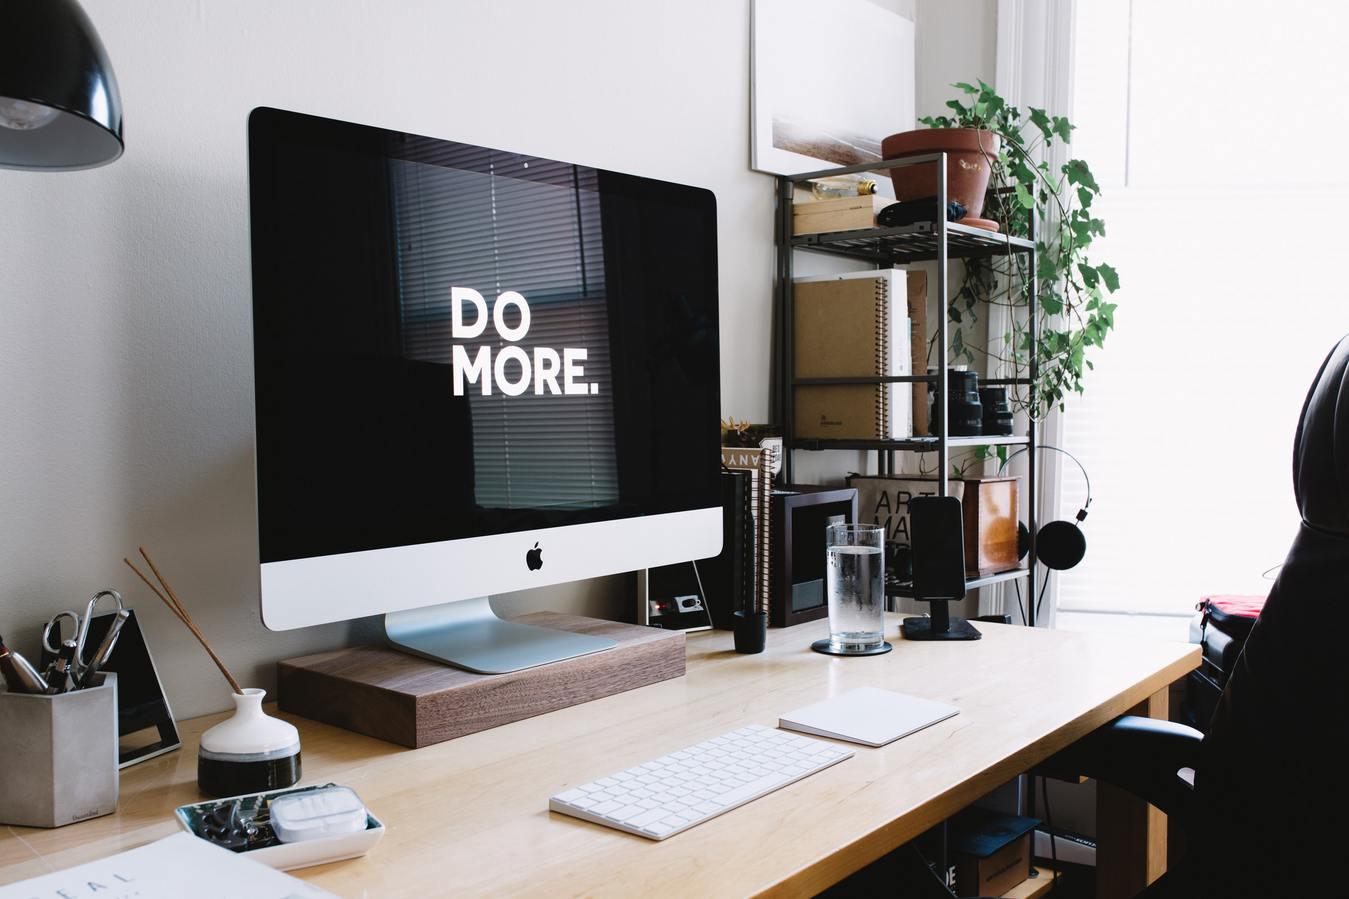 iMac di atas meja di samping rak